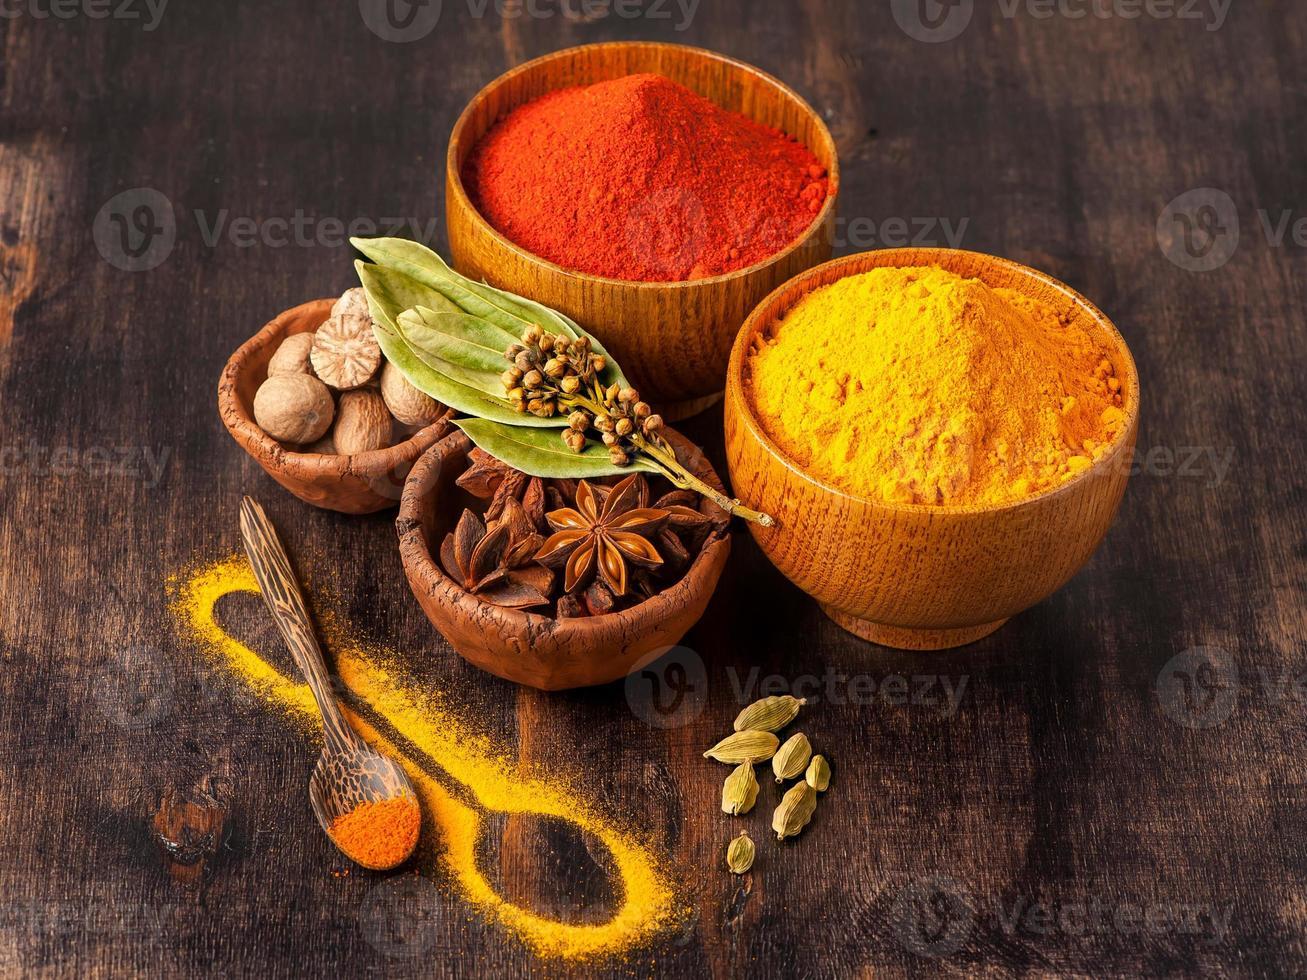 épices curry, paprika, muscade, anis étoilé, cardamome. photo